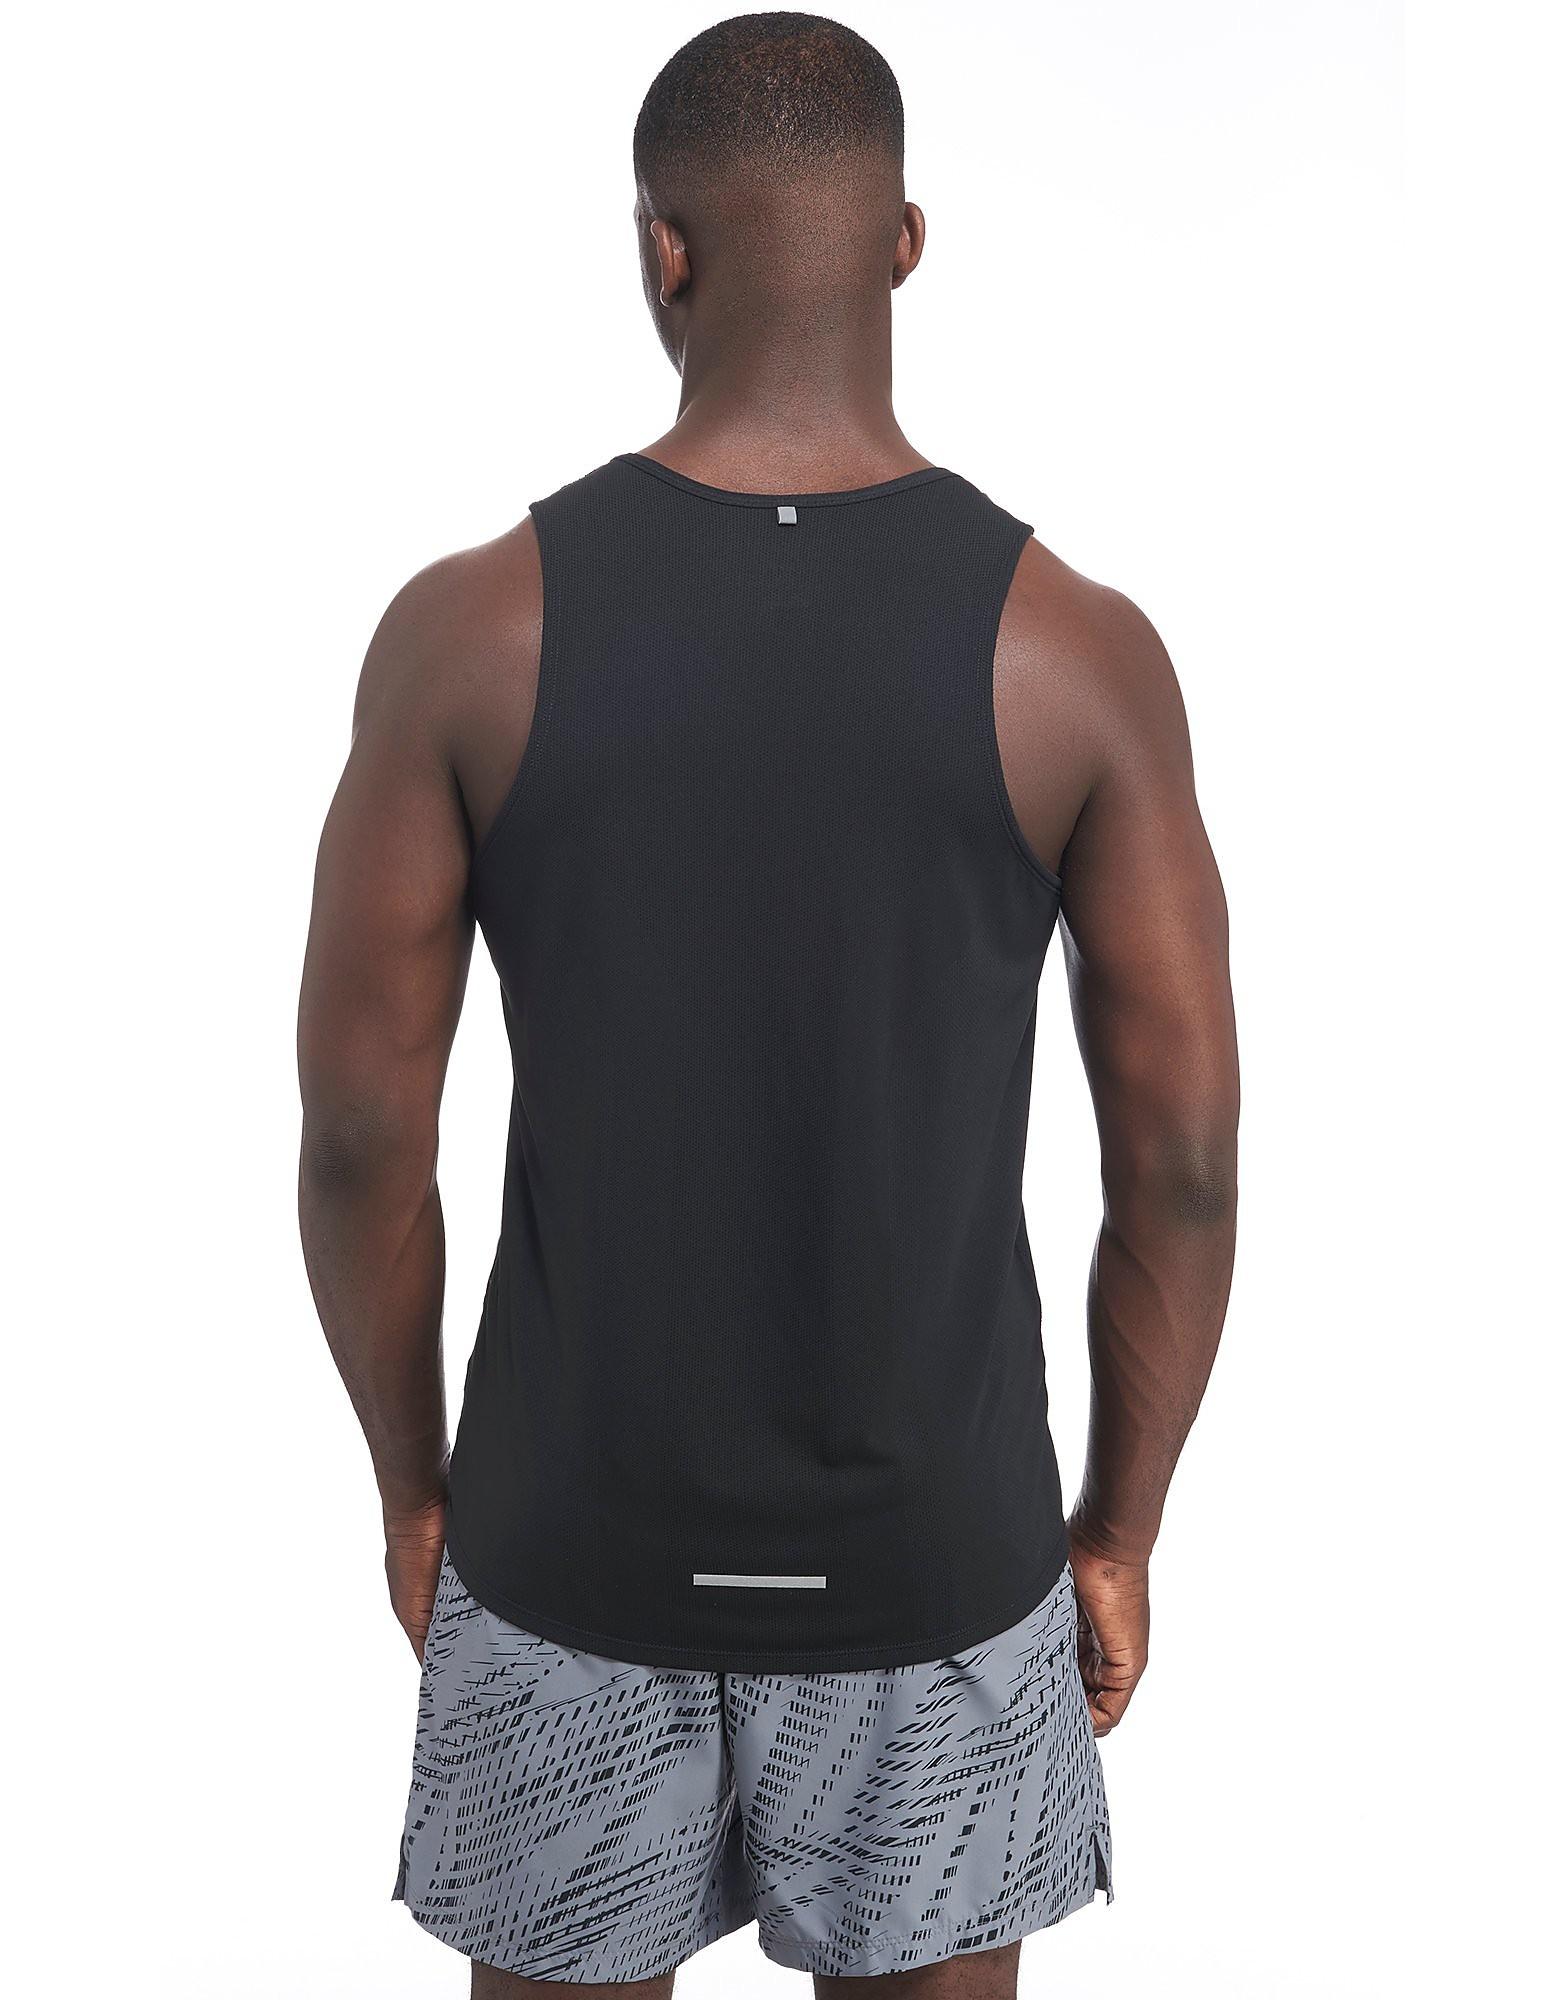 Nike Dri-FIT Contour Tank-Top